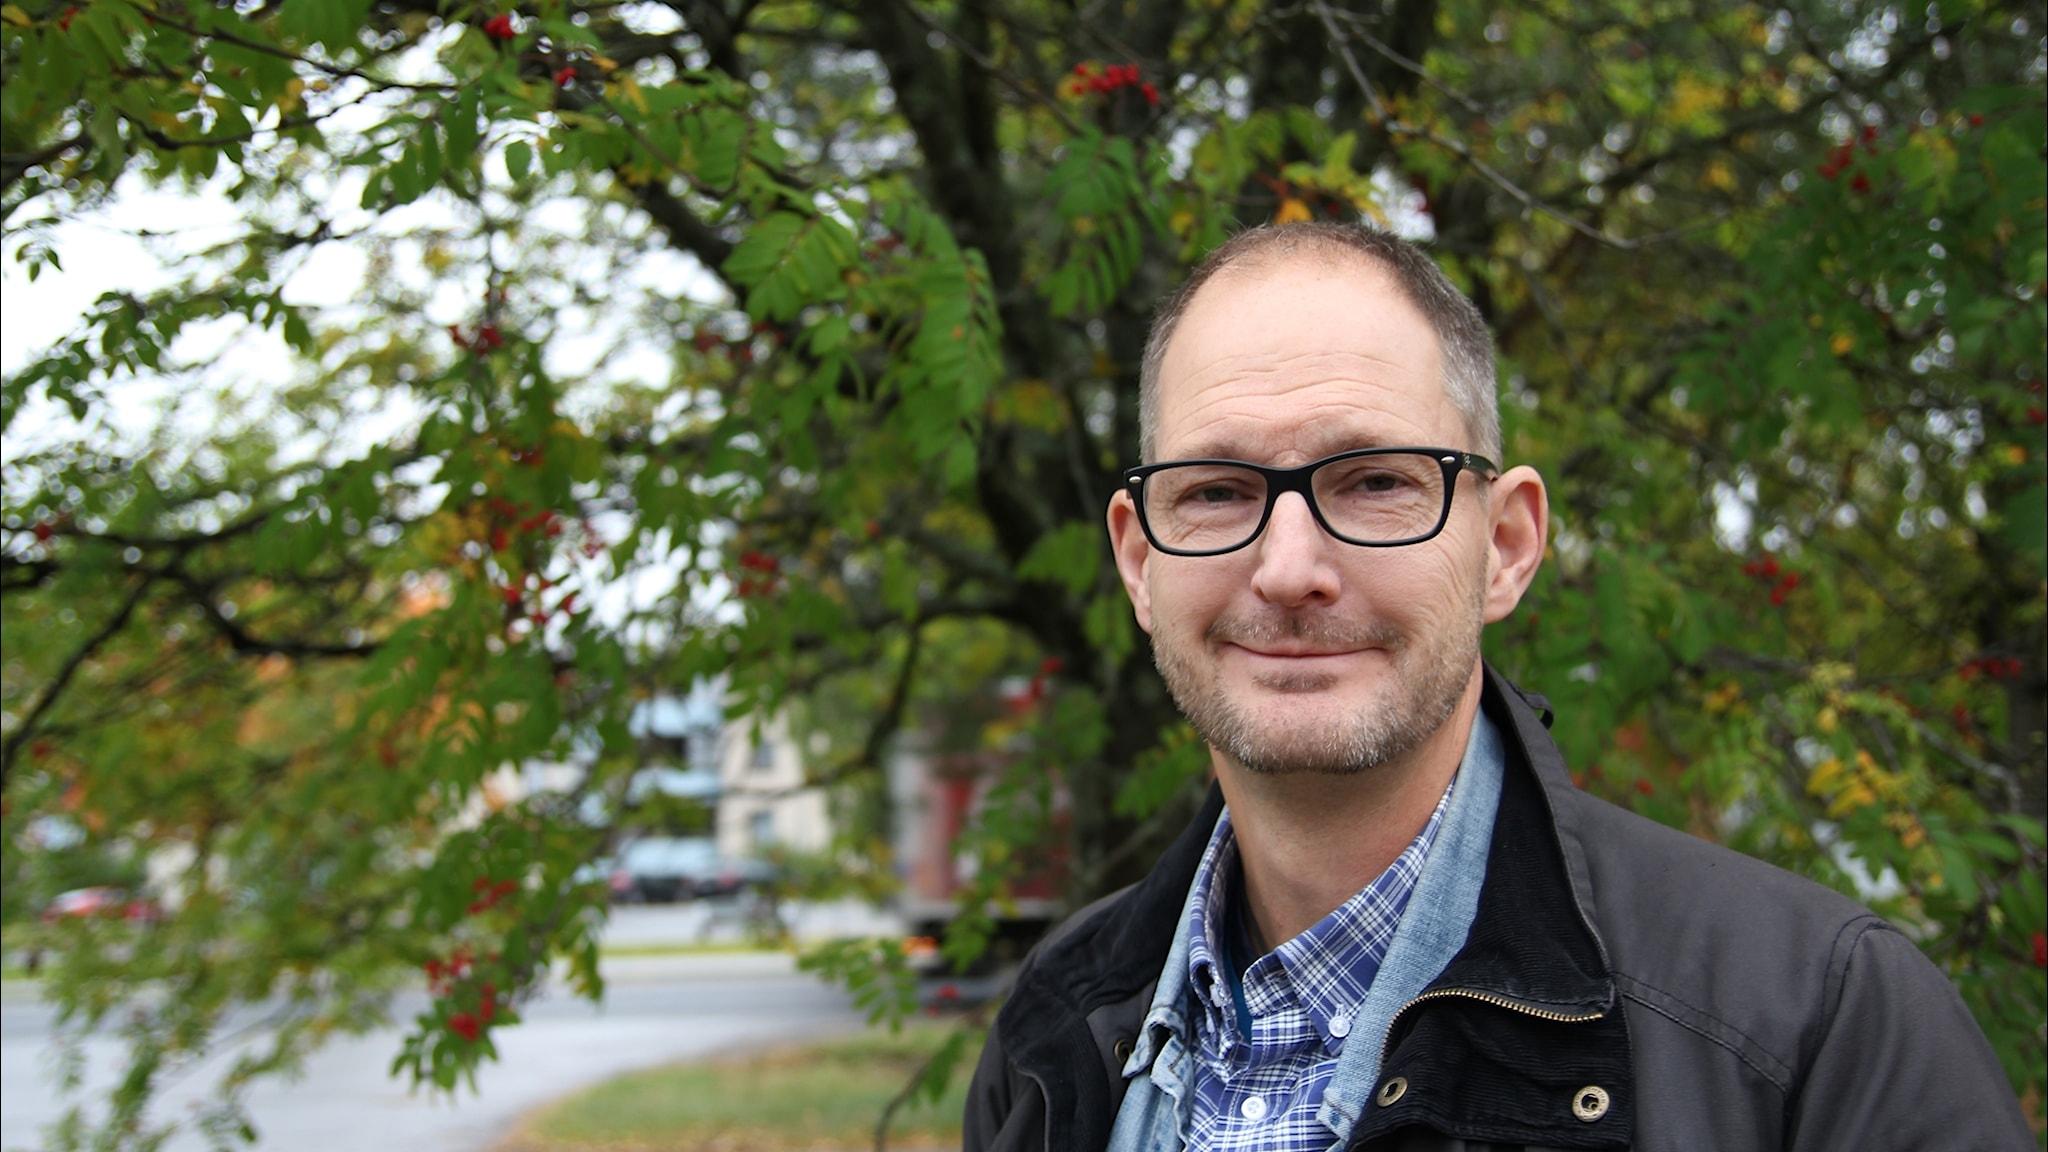 Välja sårbarhetens väg - Mattias Hjalmarsson